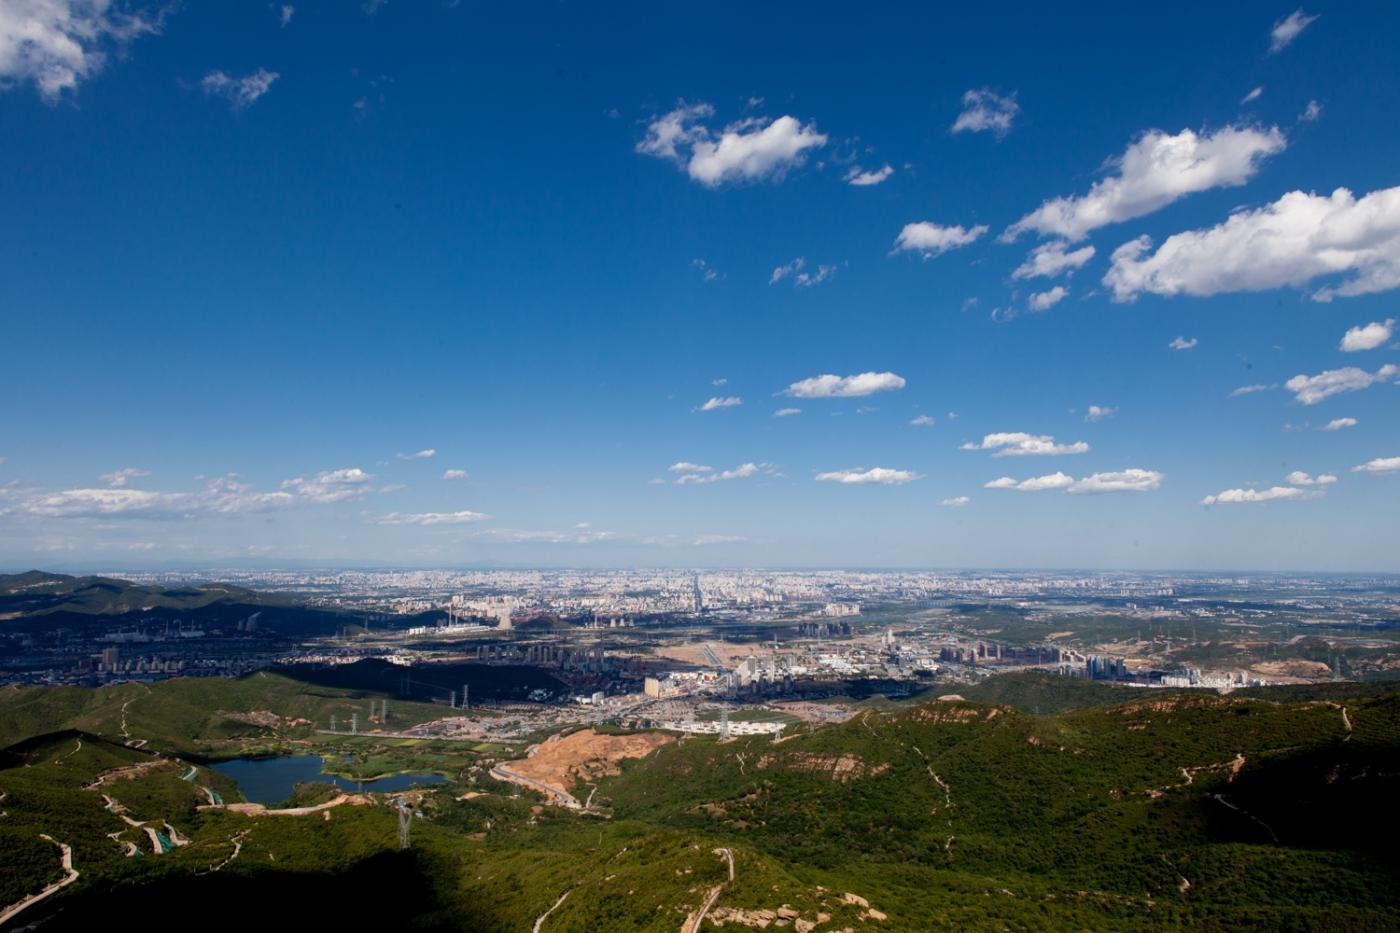 看《穹顶之下》想起了北京的晴